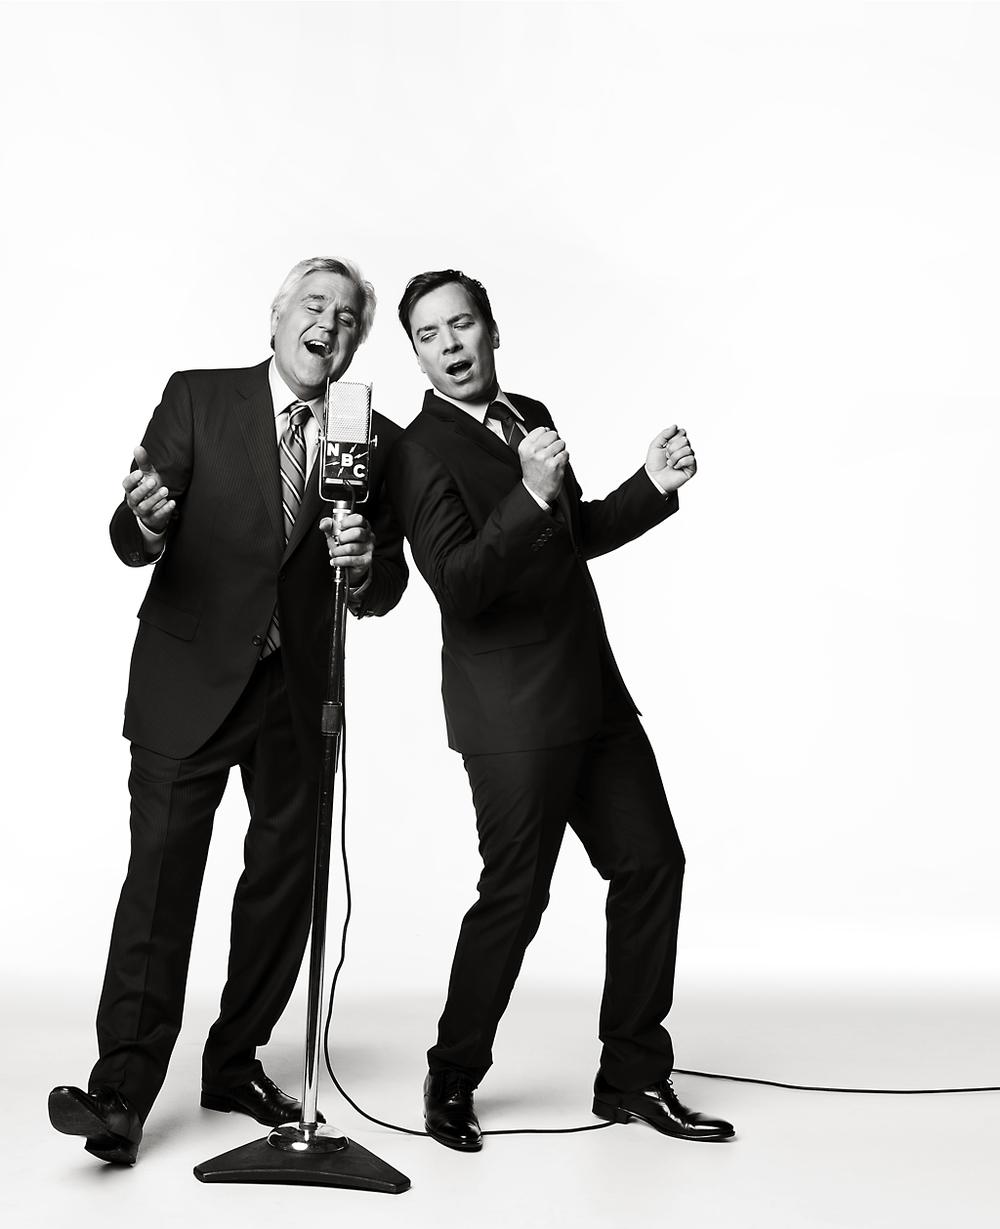 Jay Leno & Jimmy Fallon